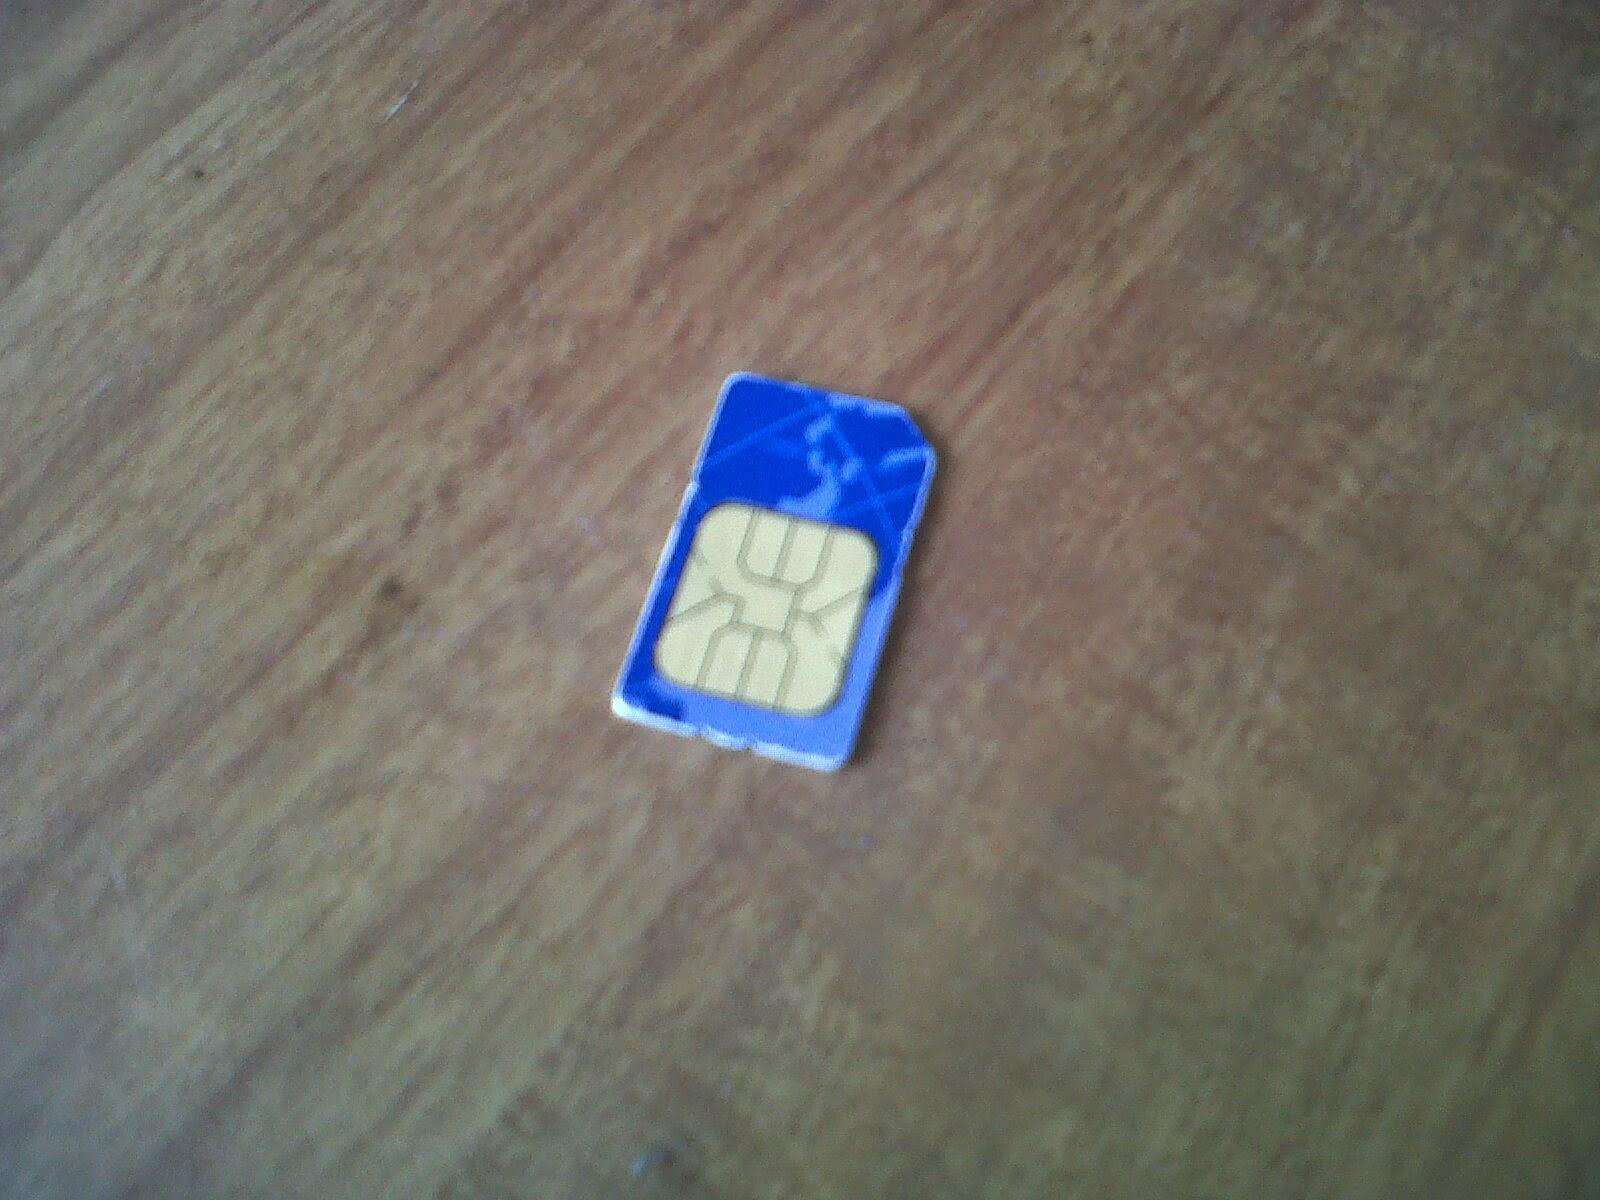 cara mengaktifkan pin kartu sim card